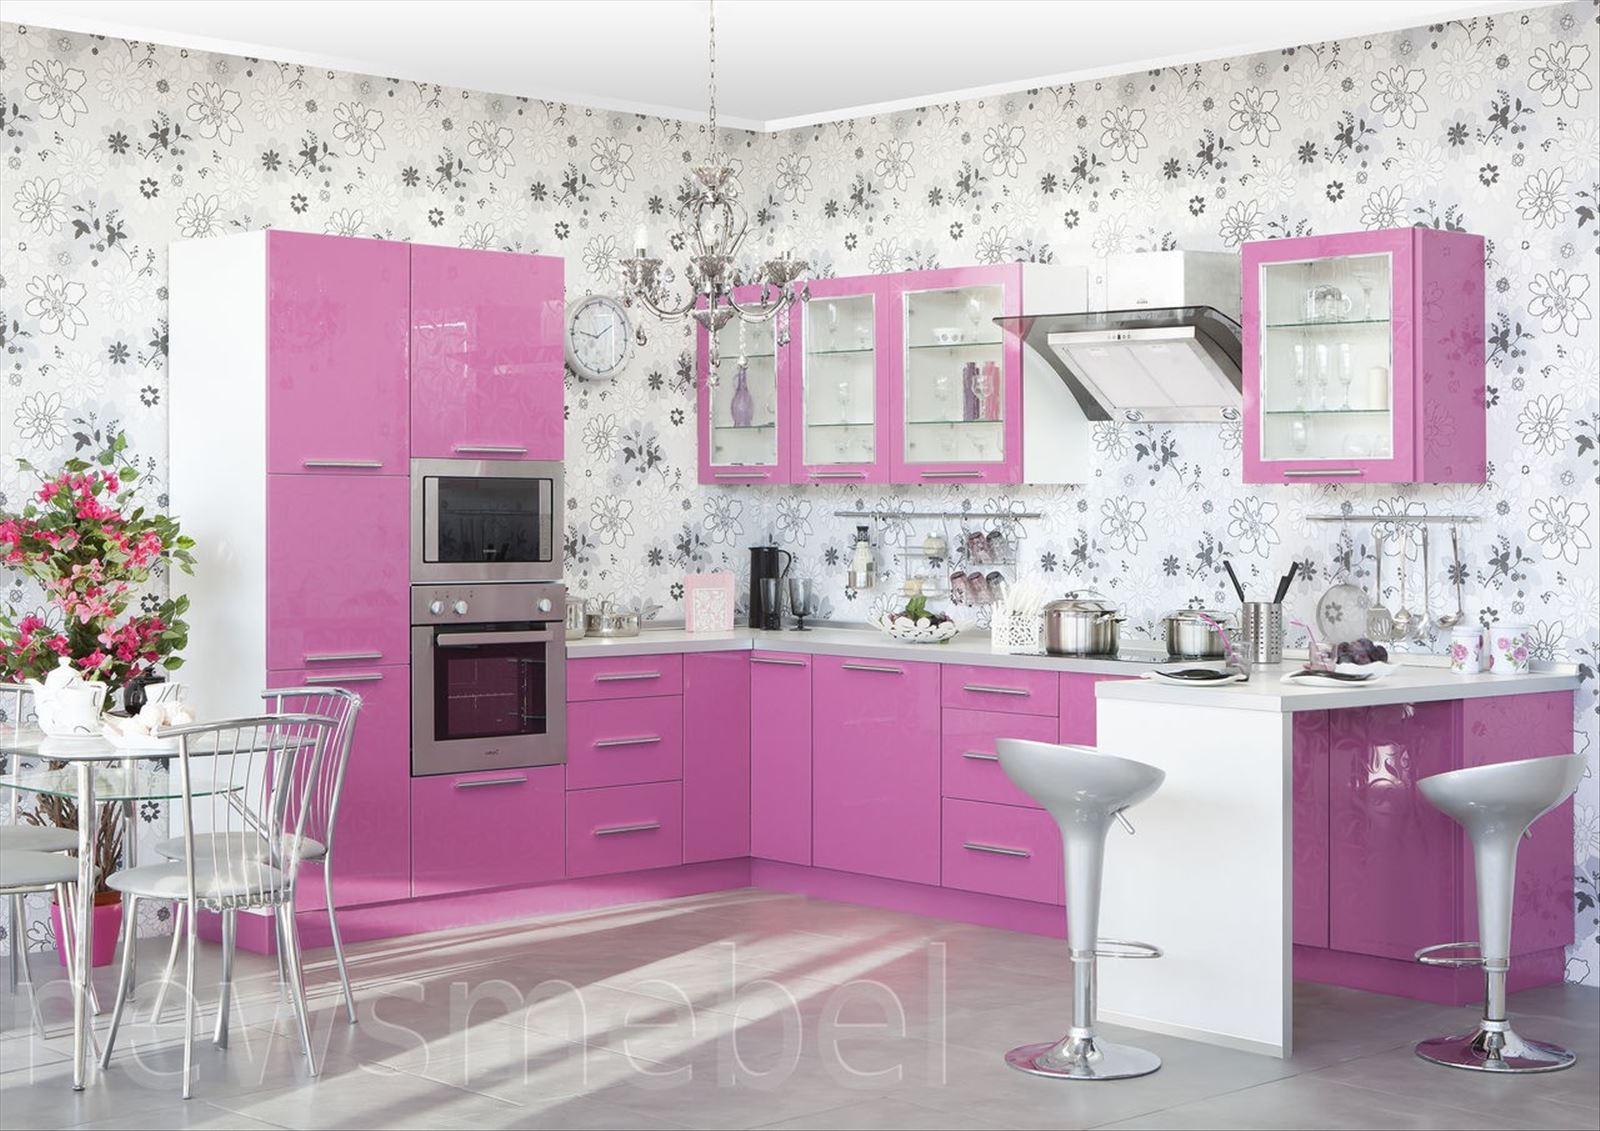 Розовая щель фото 14 фотография